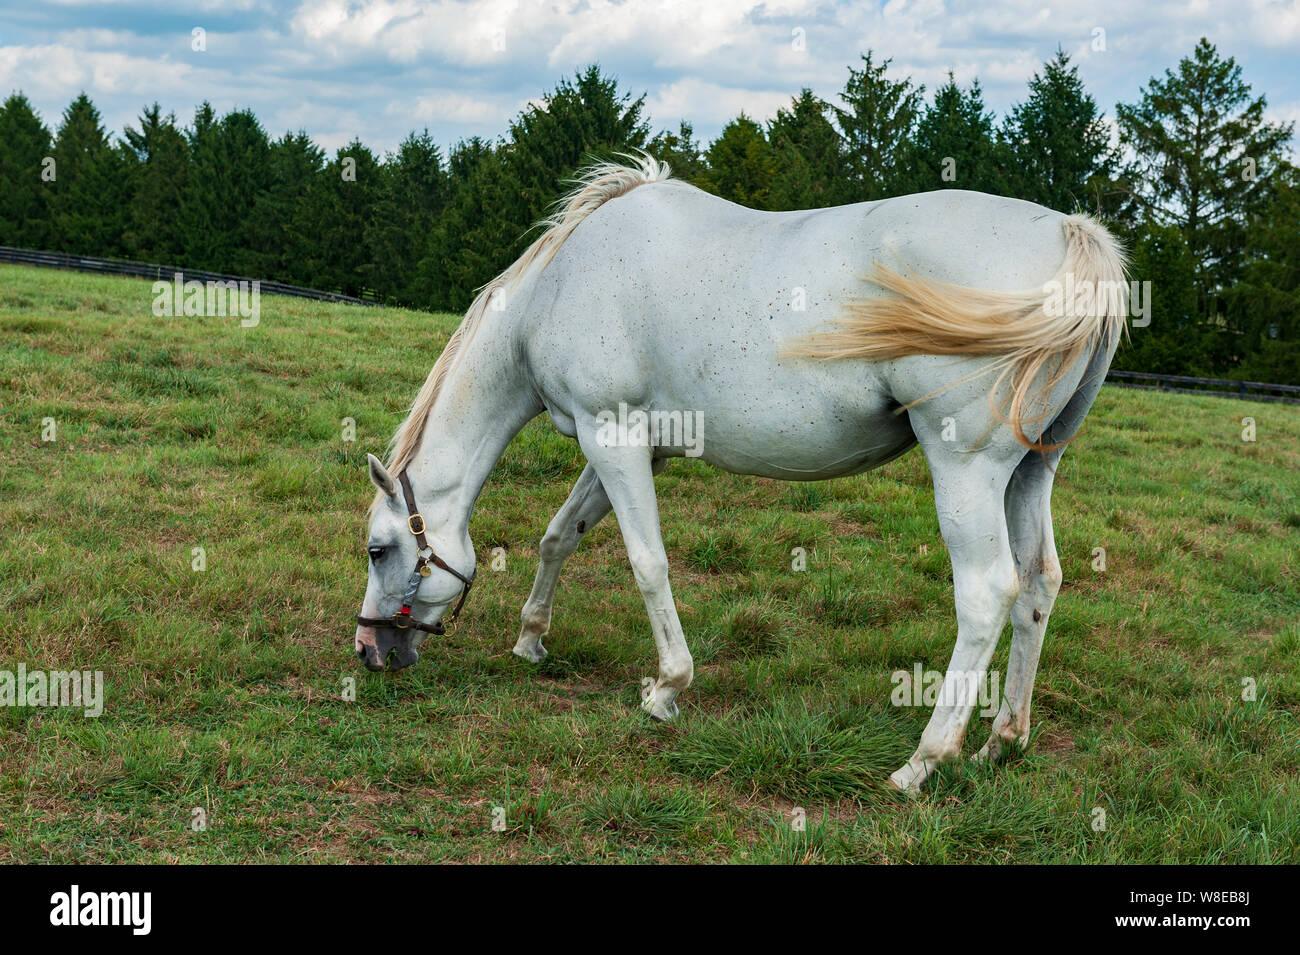 White Horse On Kentucky Horse Farm Stock Photo Alamy